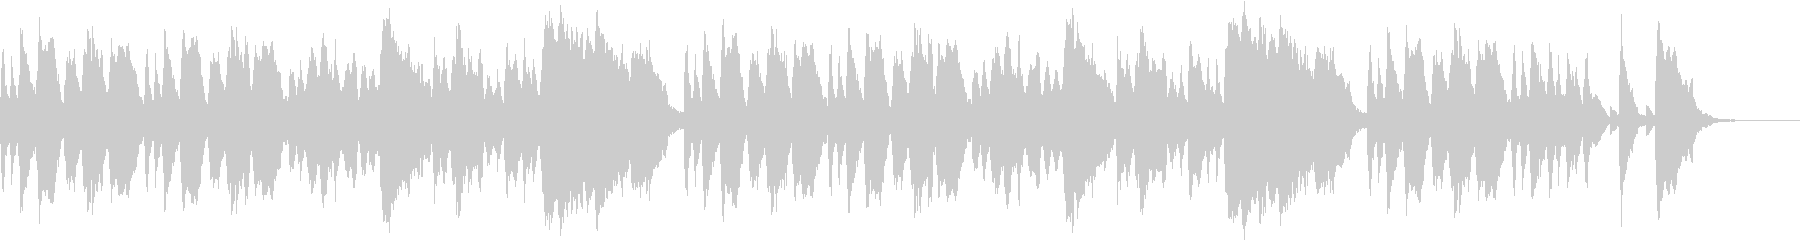 ほのぼのとした雰囲気のオーケストラ曲の未再生の波形